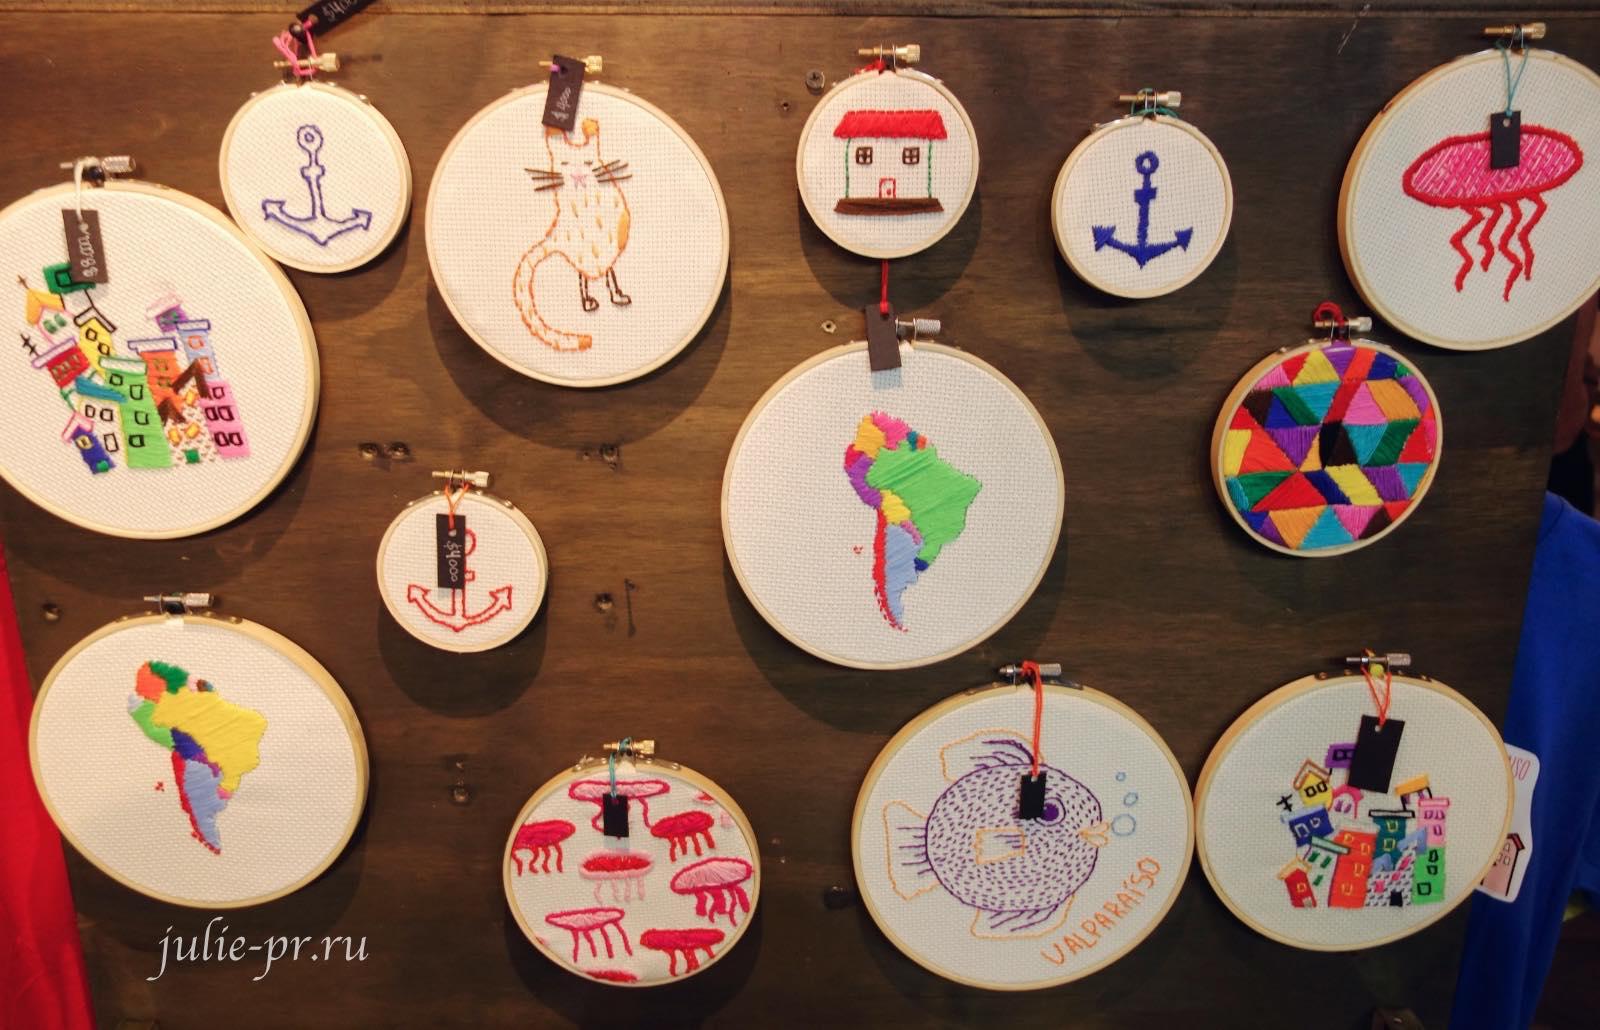 Чили, Вальпараисо, Сувениры с вышивкой